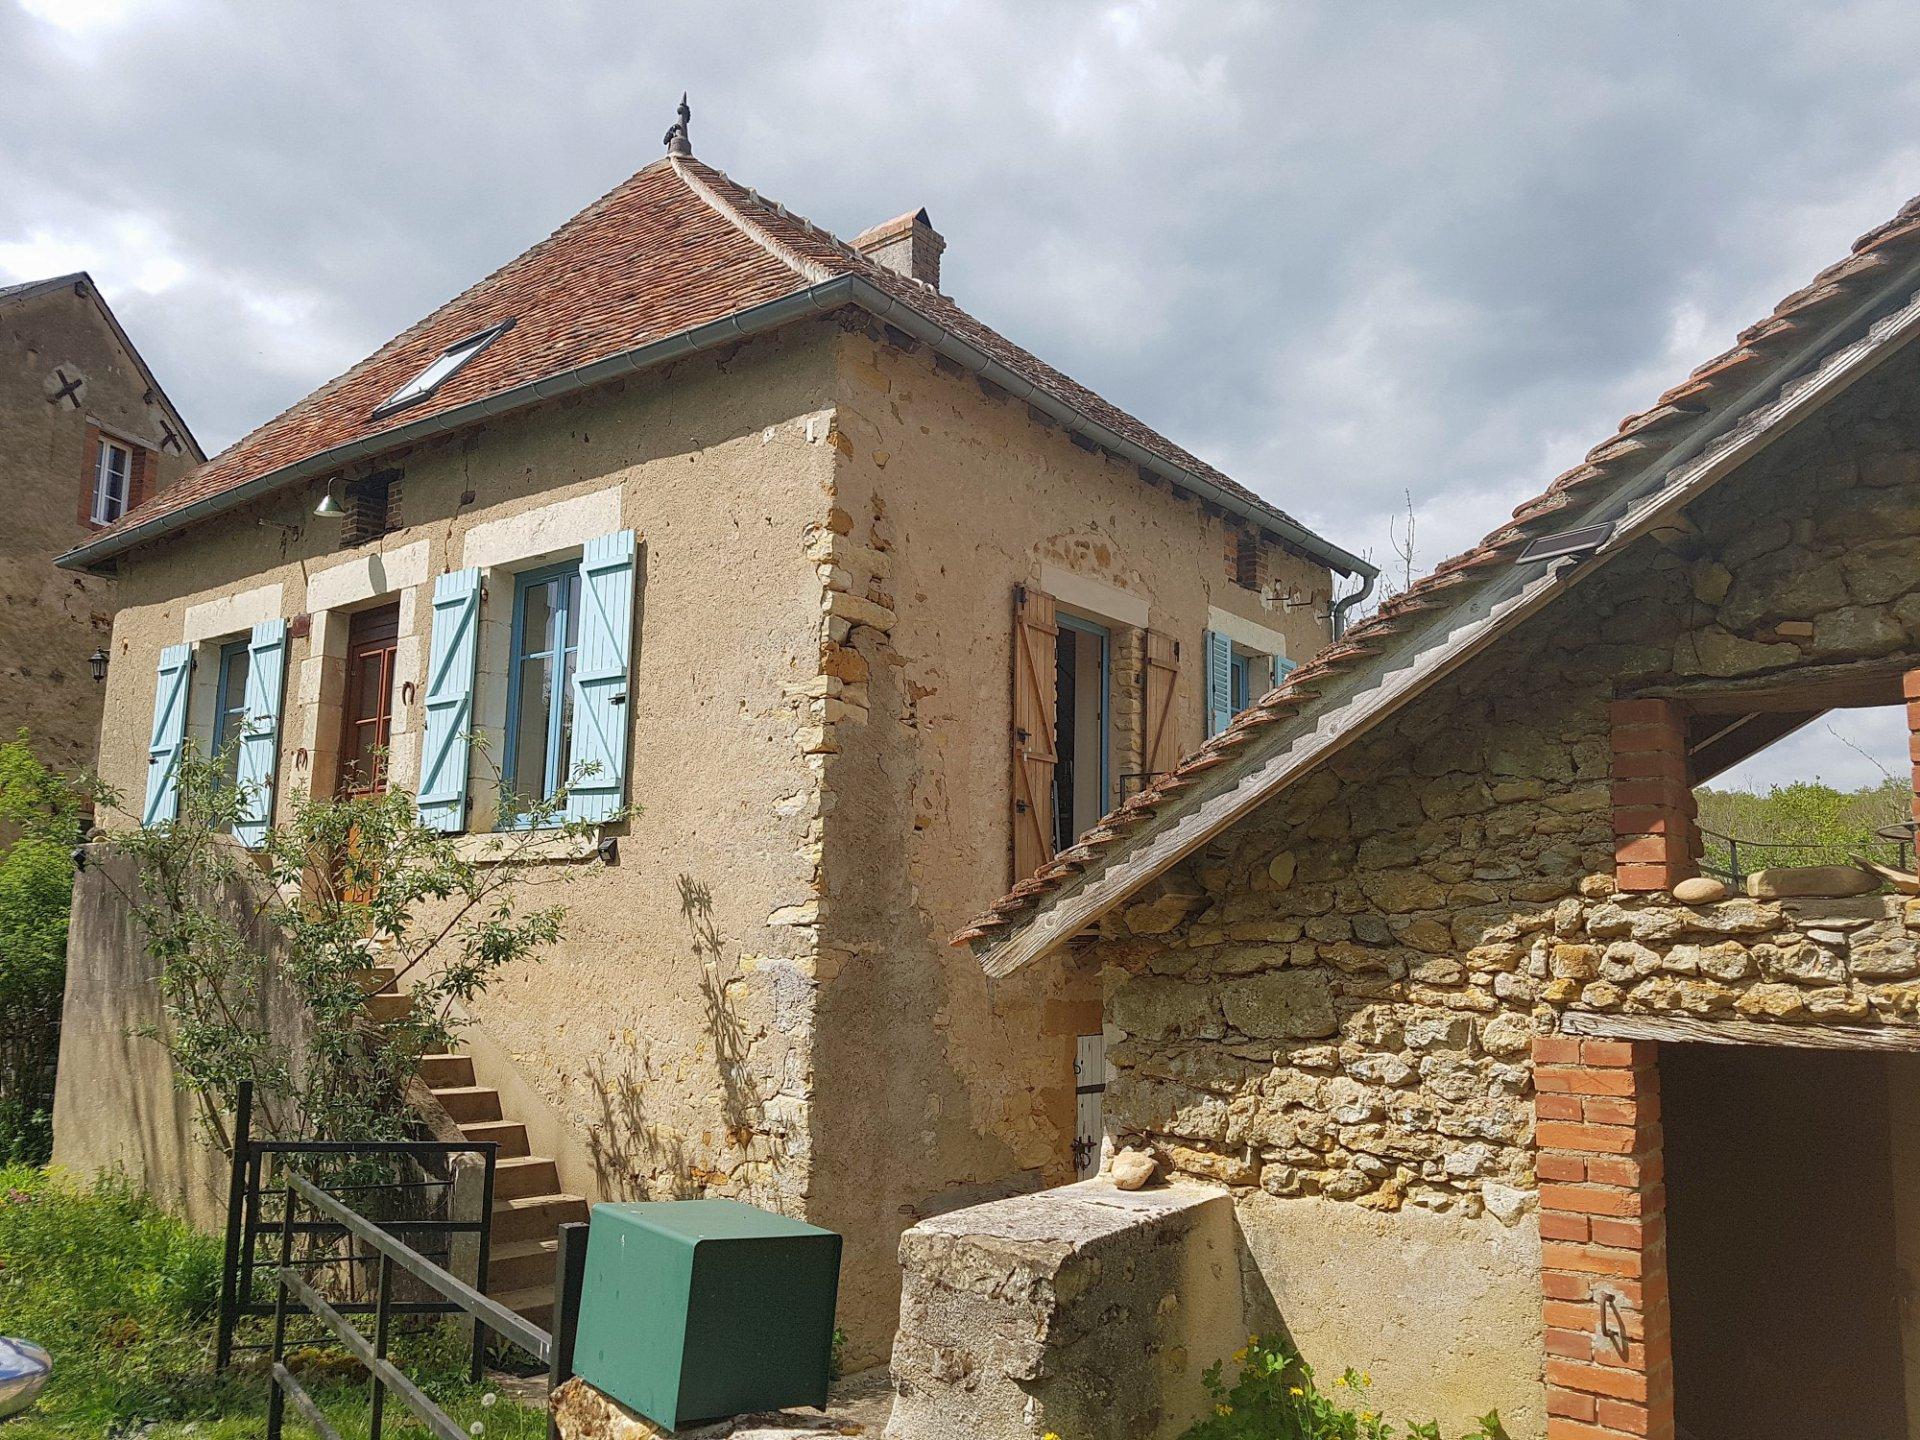 De Brenne, Indre: huis en watermolen in idyllische omgeving